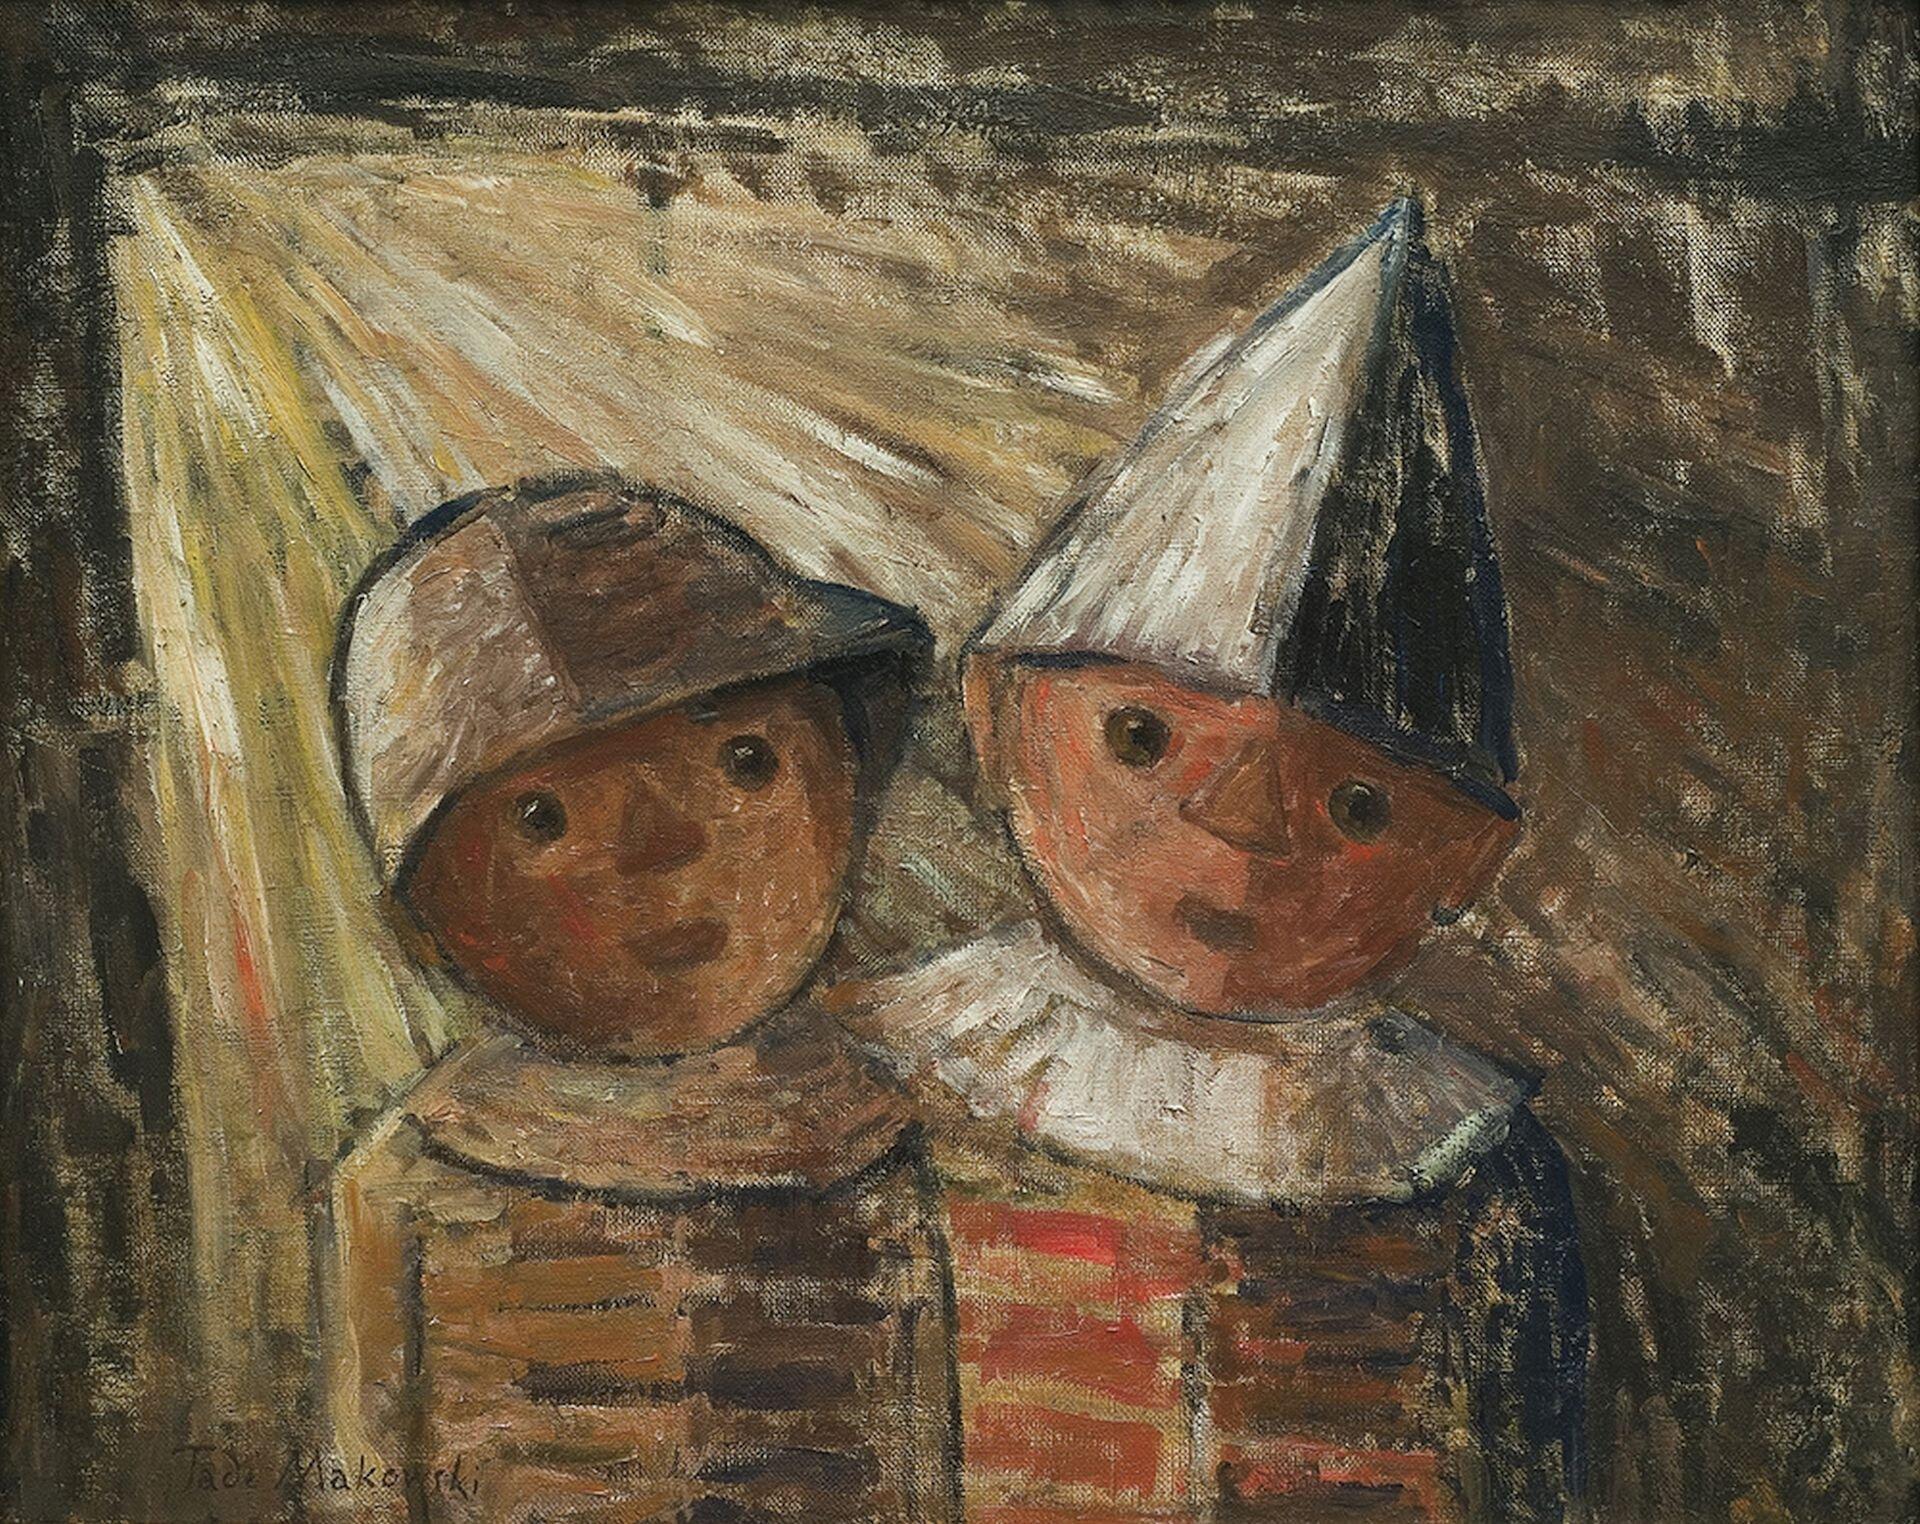 """Ilustracja przedstawia obraz Tadeusza Makowskiego pt. """"Dwoje dzieci"""". Na ilustracji przedstawiono postacie dwóch chłopców. Jeden znich ubrany jest wstożkowy kapelusz, drugi chłopiec ma kapelusz wstylu łupiny od orzecha. Chłopcy stoją na brązowym tle. Jeden zchłopców ubrany jest wczerwony strój, adrugi wbrązowy."""